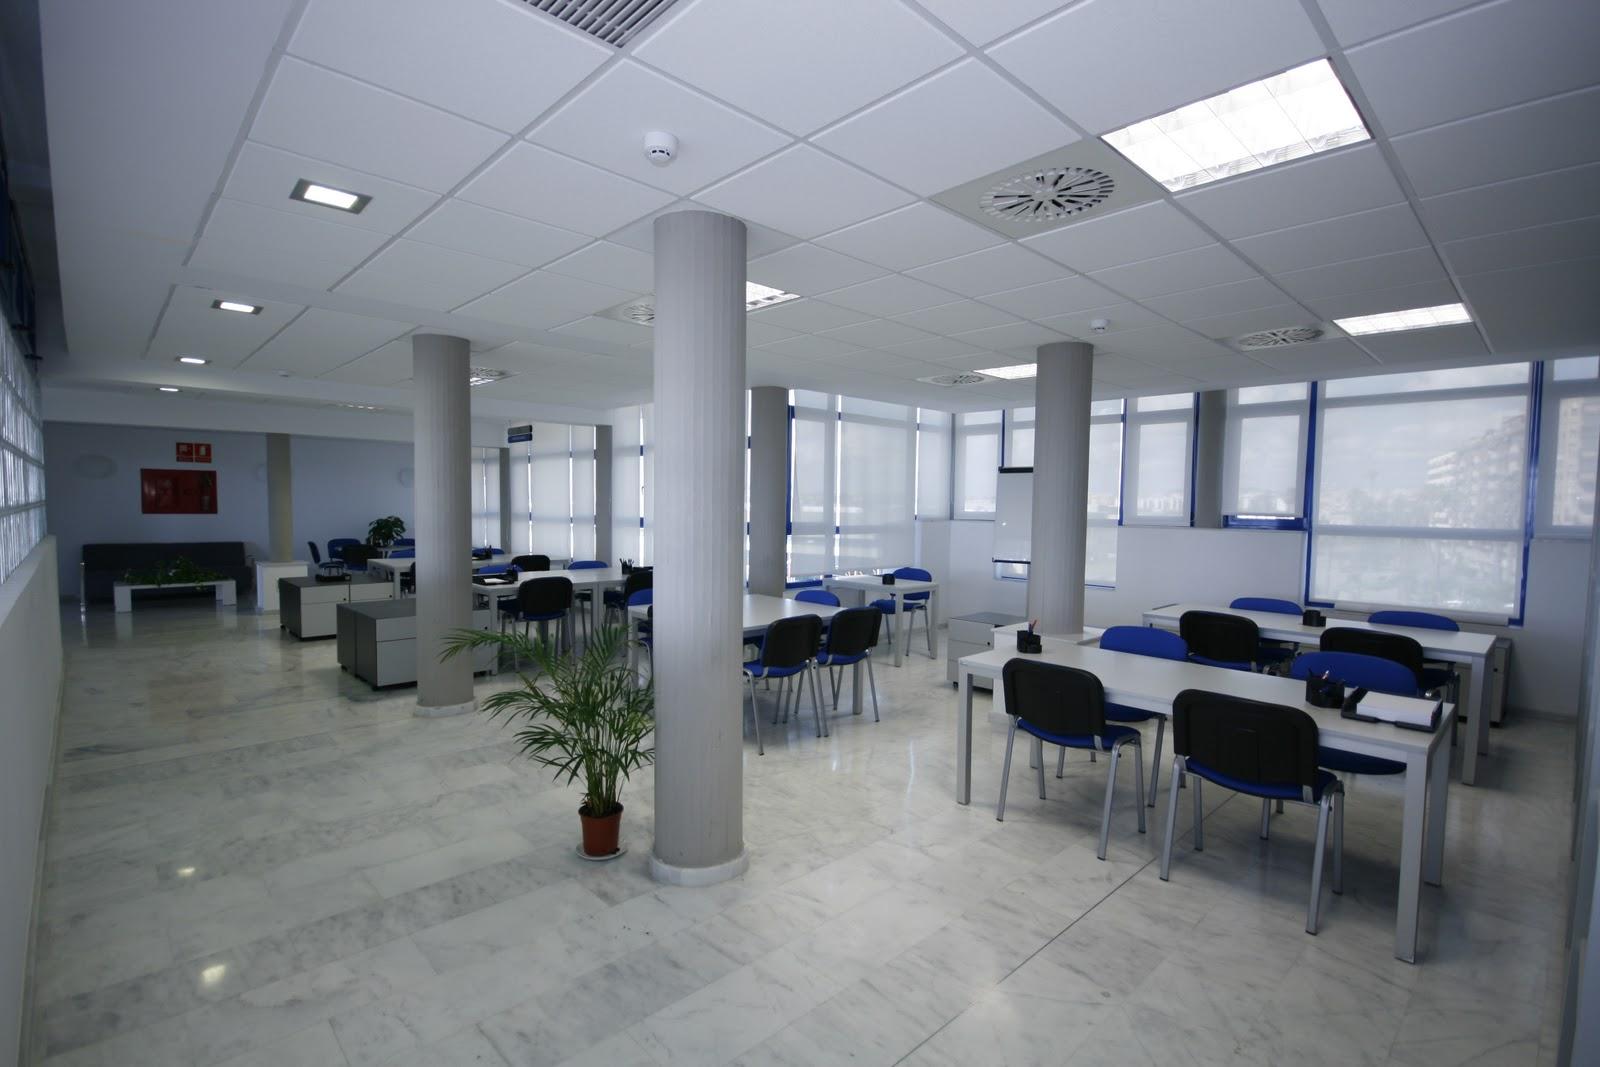 Comunidad coworking co working alicante nuevo espacio for Oficina de correos alicante